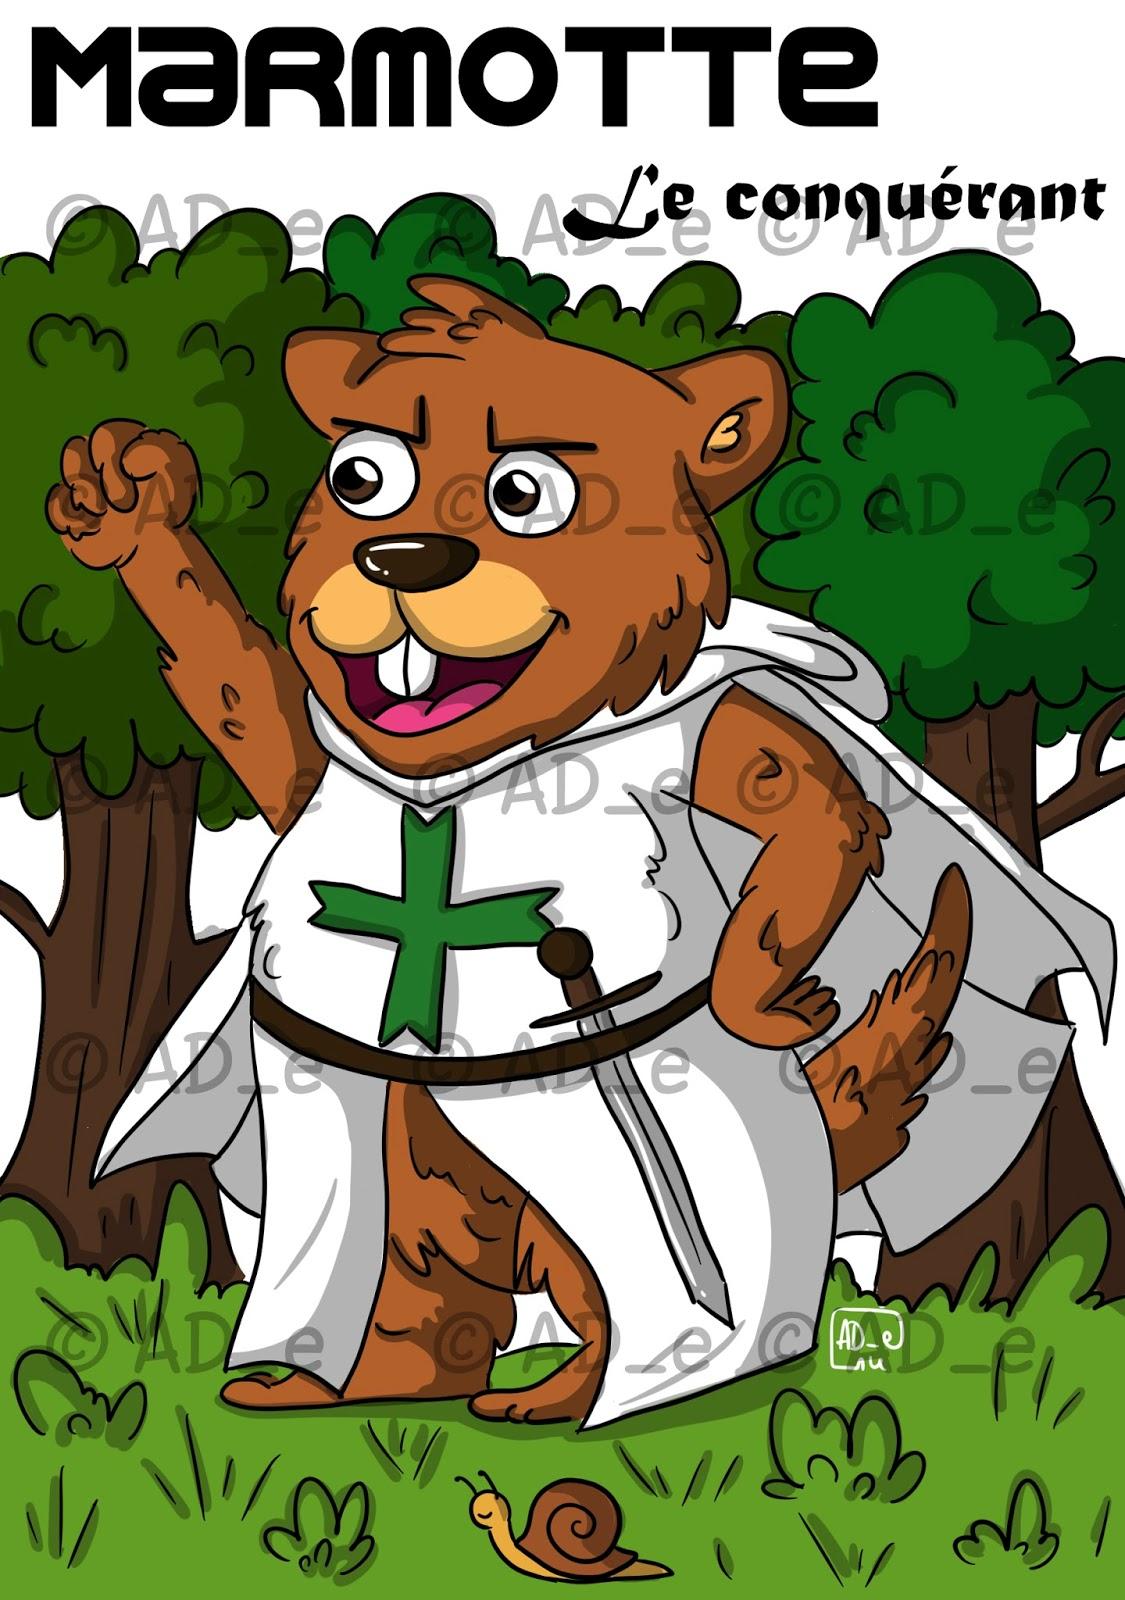 Ad e 39 dessins en 2 semaines hell yeah - Dessiner une marmotte ...